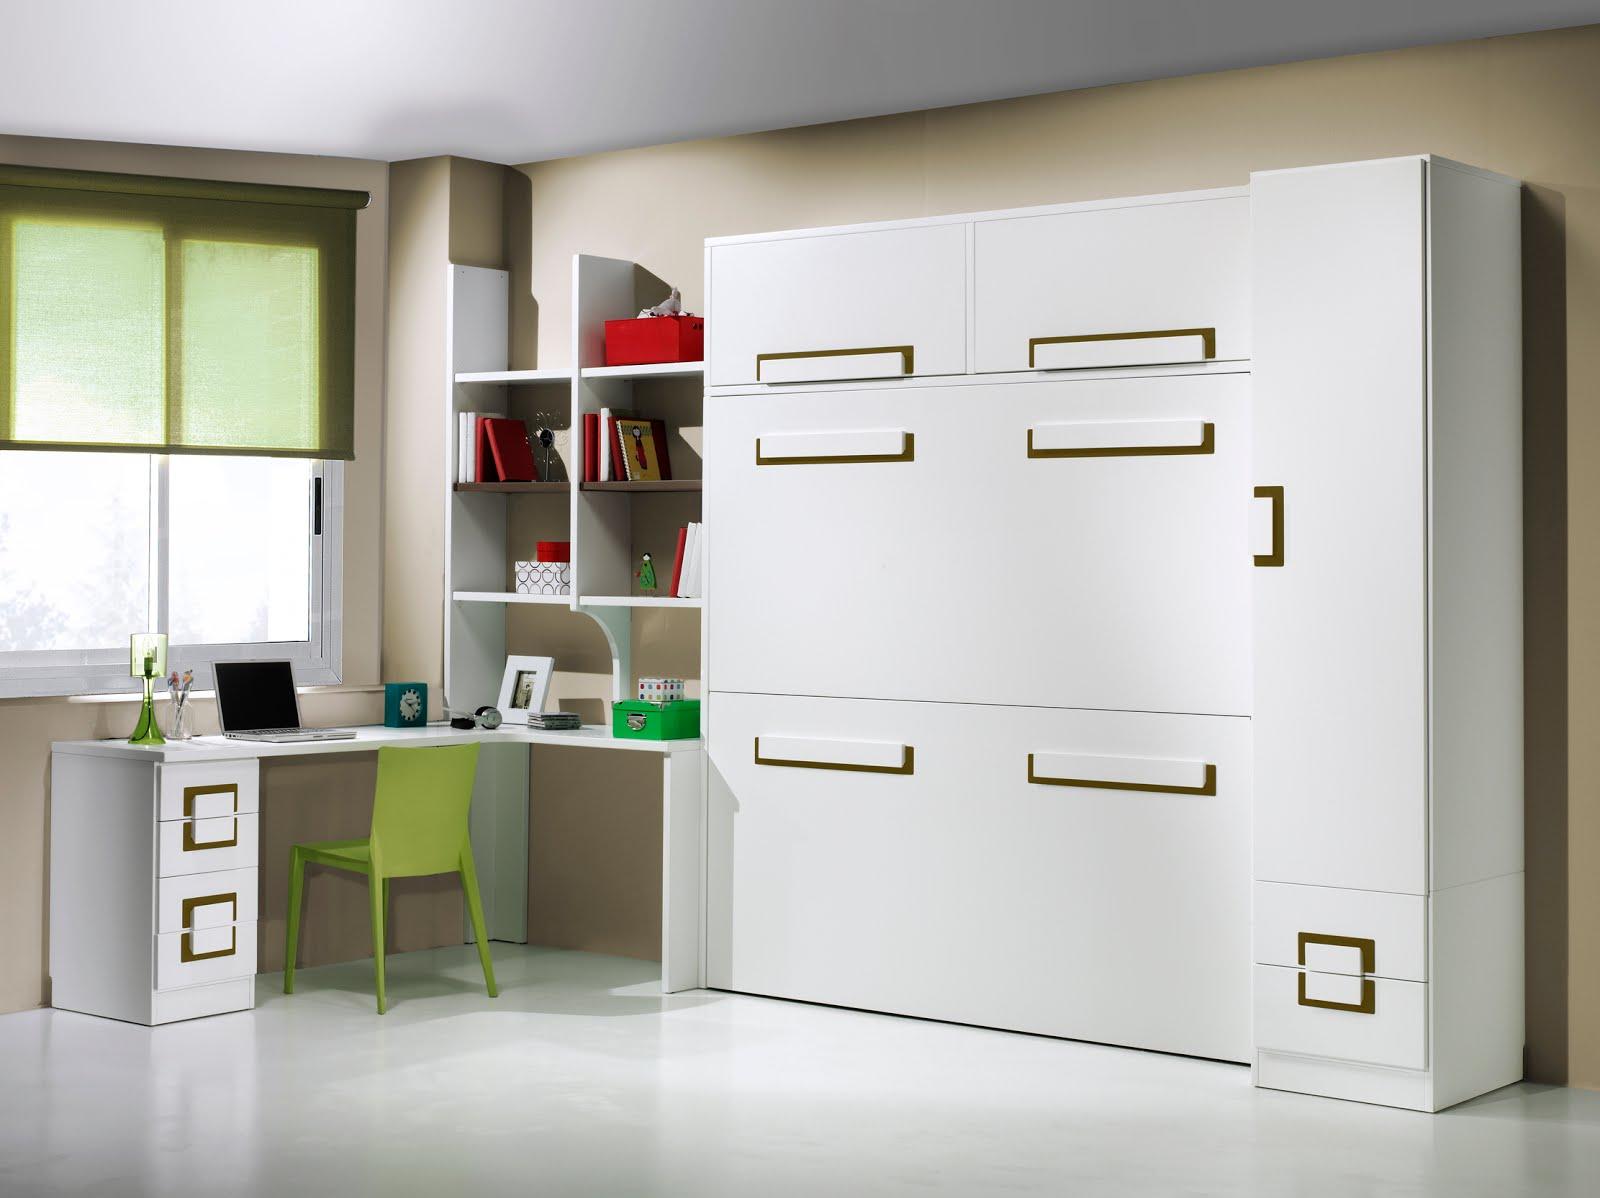 Dormitorios con camas abatibles literas abatibles - Dormitorios para espacios pequenos ...